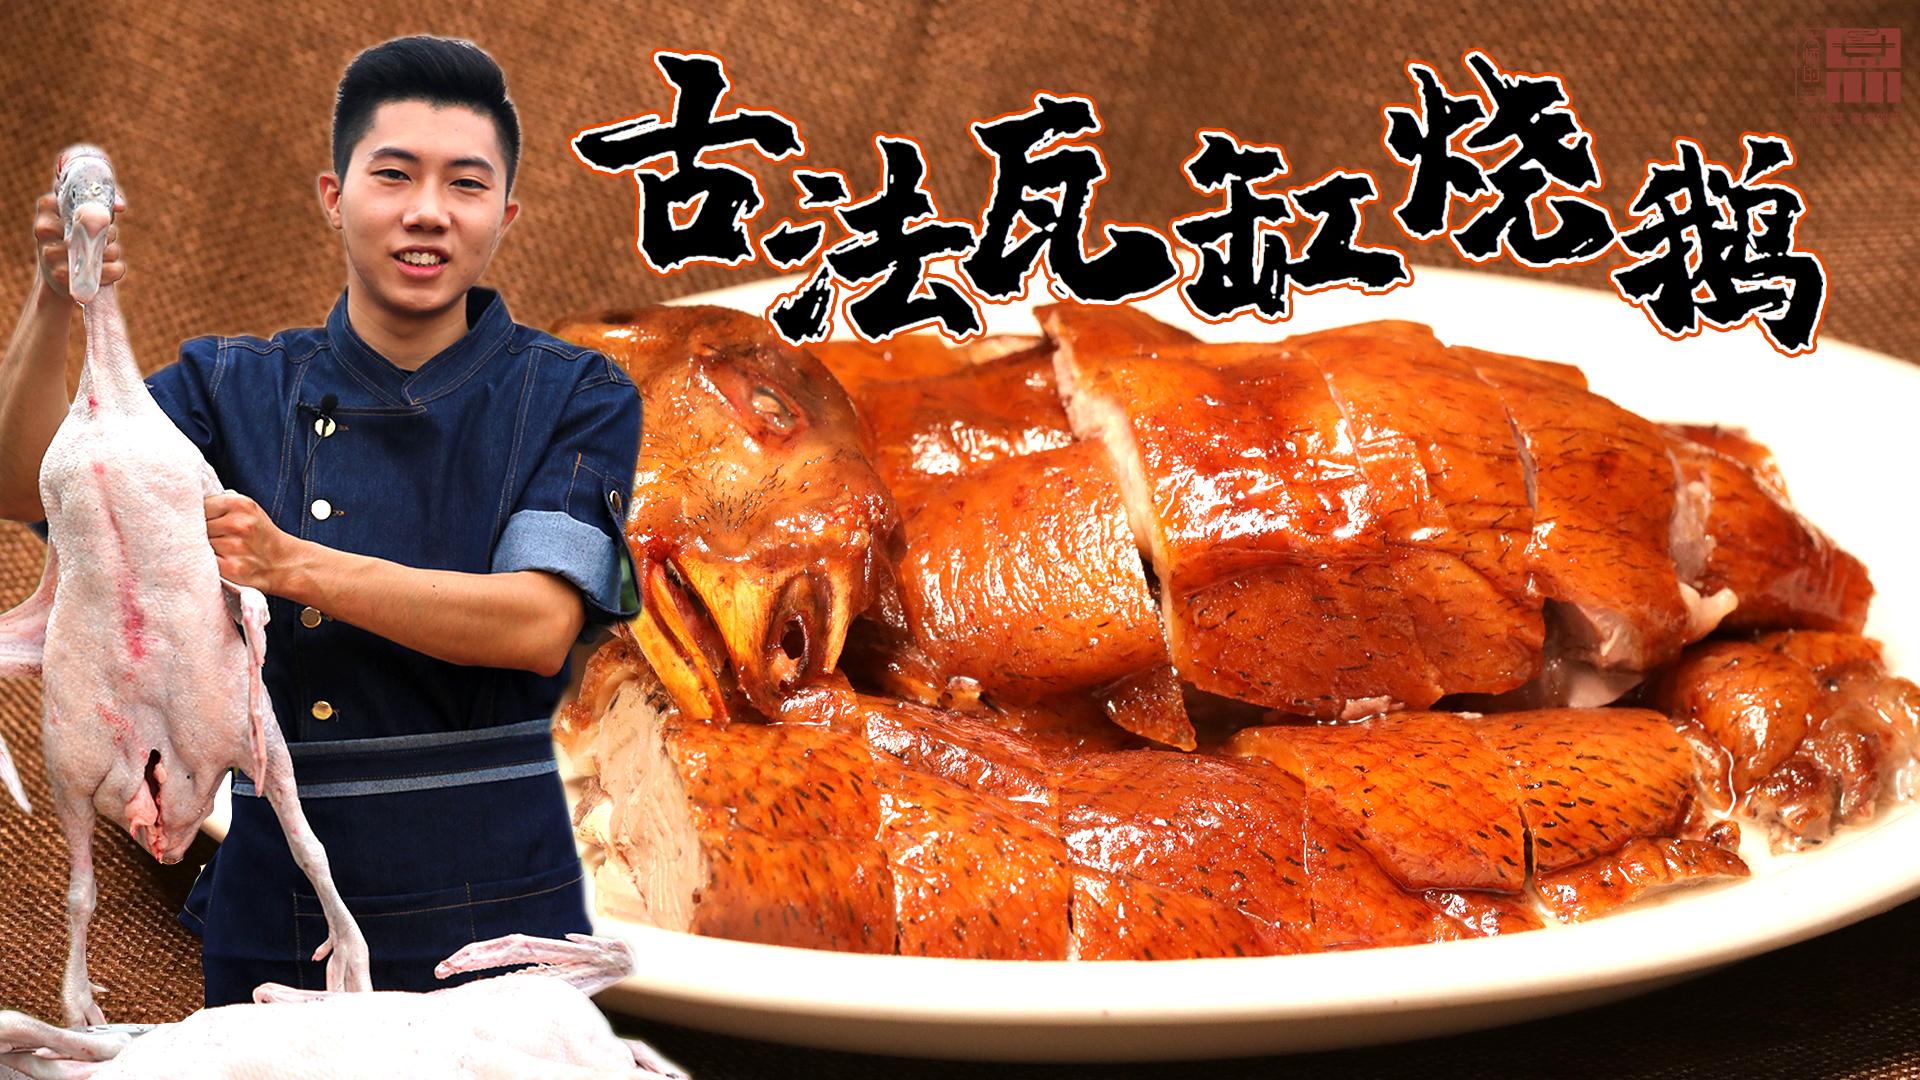 【大师的菜·古法瓦缸烧鹅】顺德最牛烧鹅店,四代传承,六平米小店日售上百只